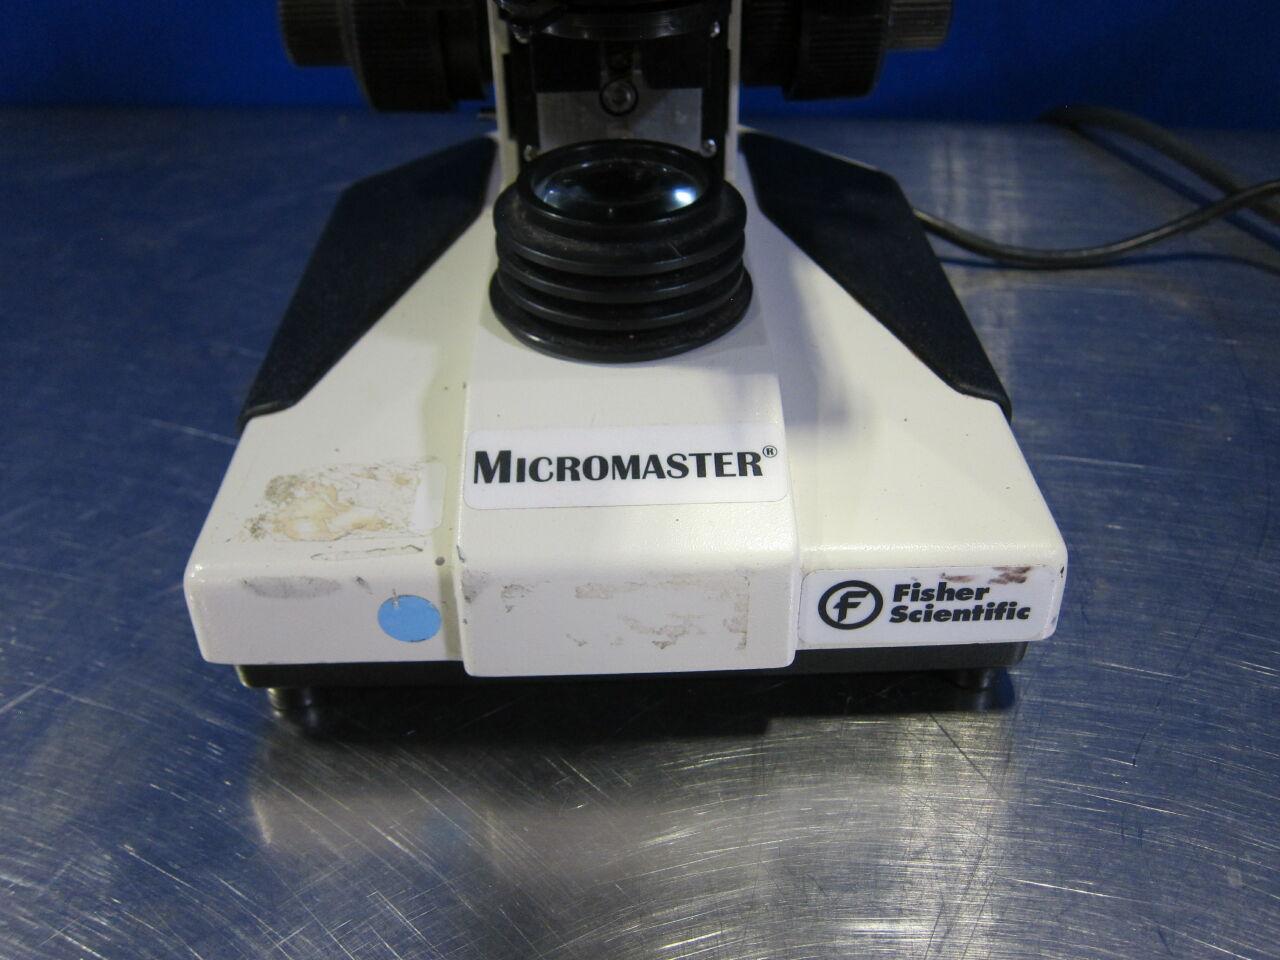 FISHER SCIENTIFIC Micromaster Microscope